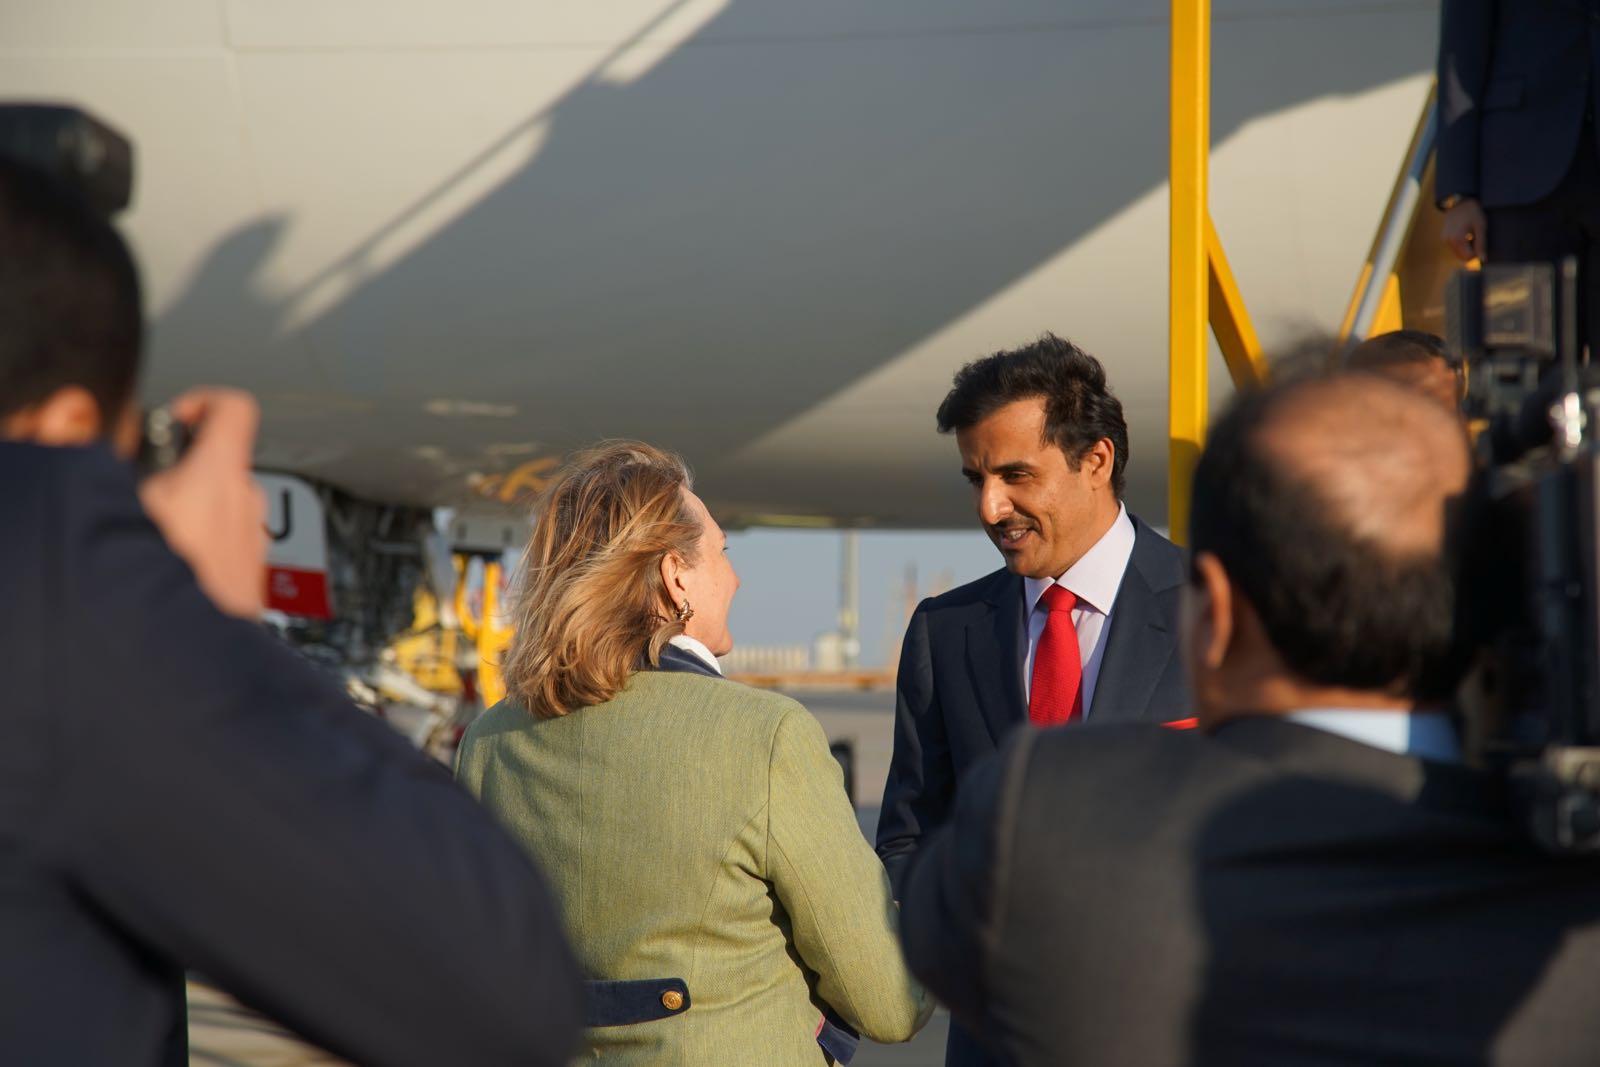 2019_03_04_4Gardekompanie_Flughafenspalier_Katar_Kneissl - 10 of 17